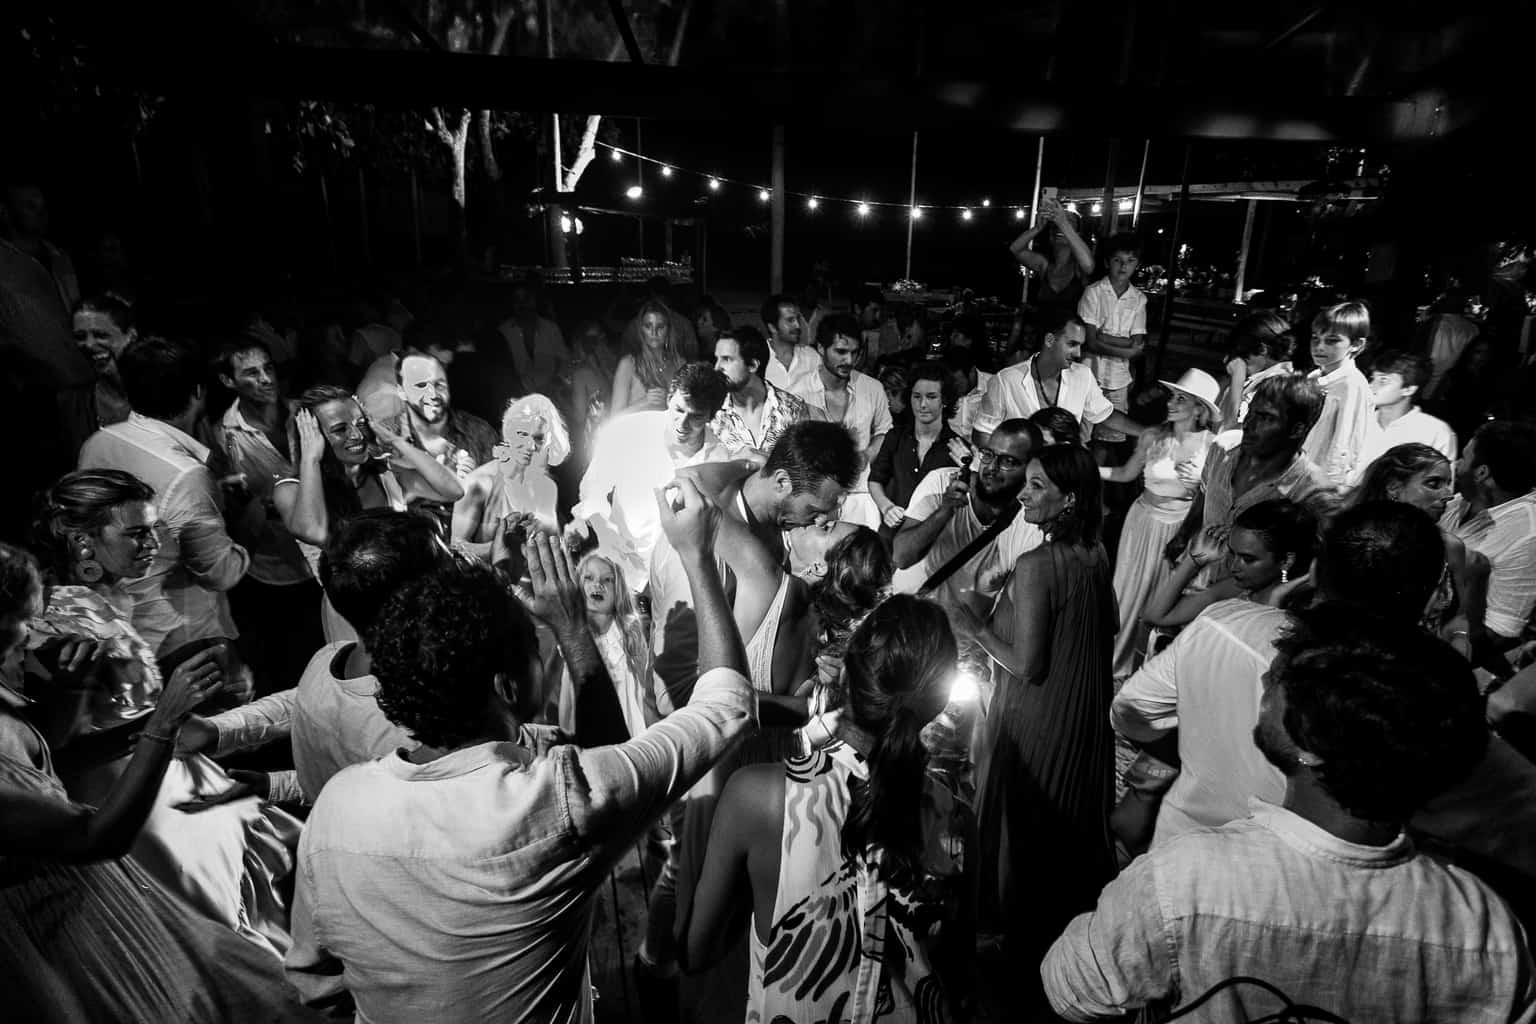 Casamento-Victoria-e-Christian-Fotografia-Tiago-Saldanha-Festa831_MG_2146